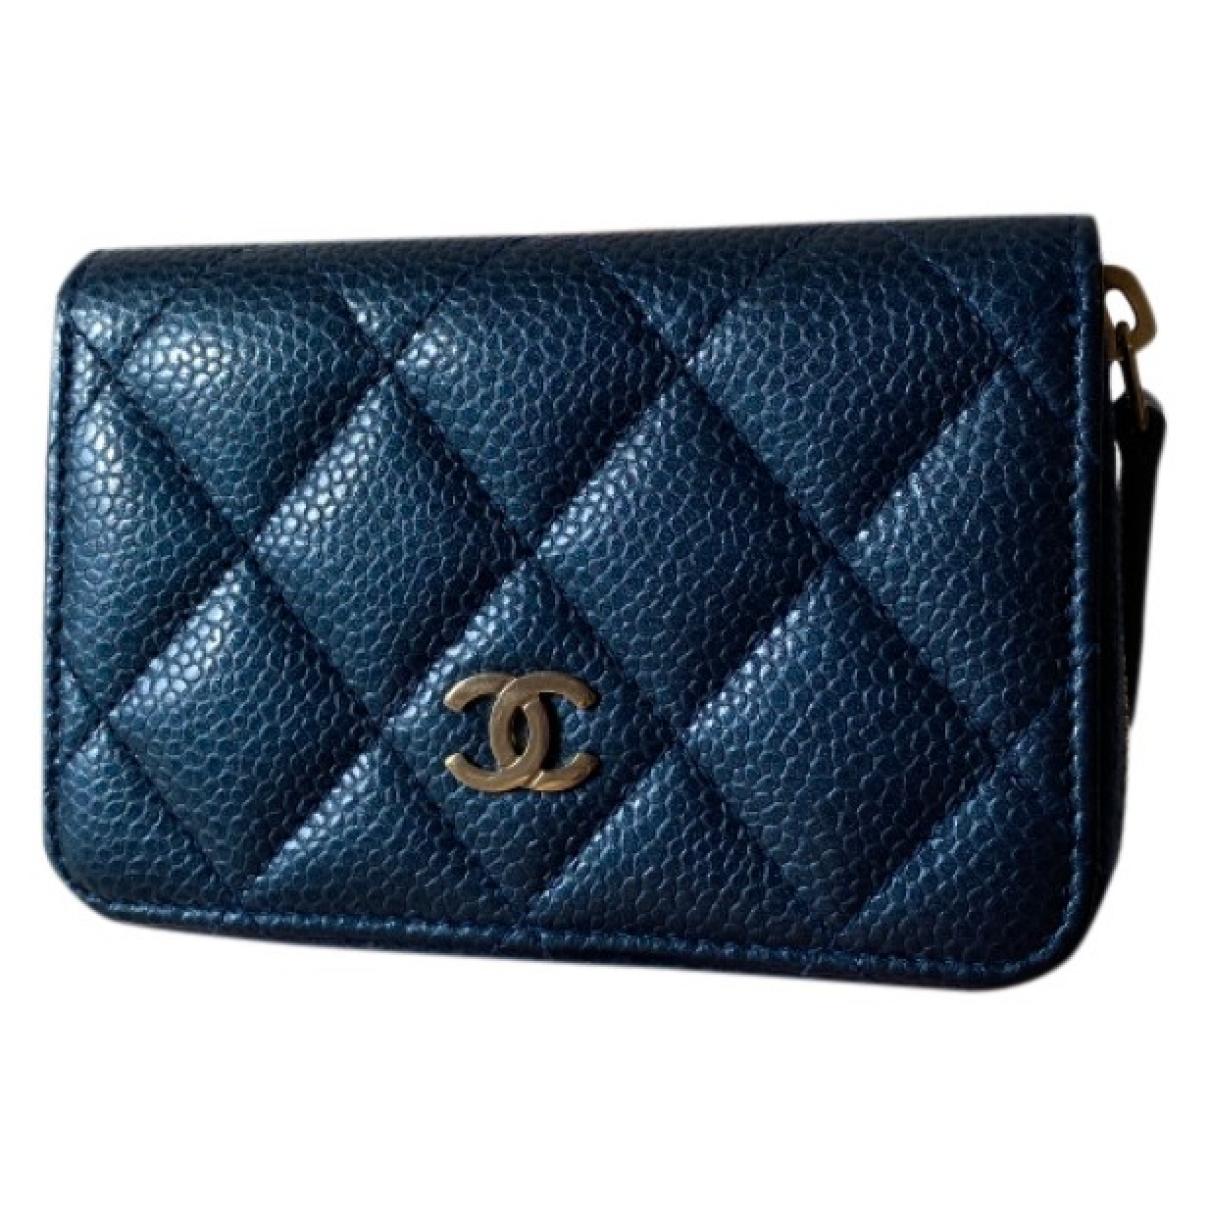 Chanel Timeless/Classique Kleinlederwaren in  Blau Leder